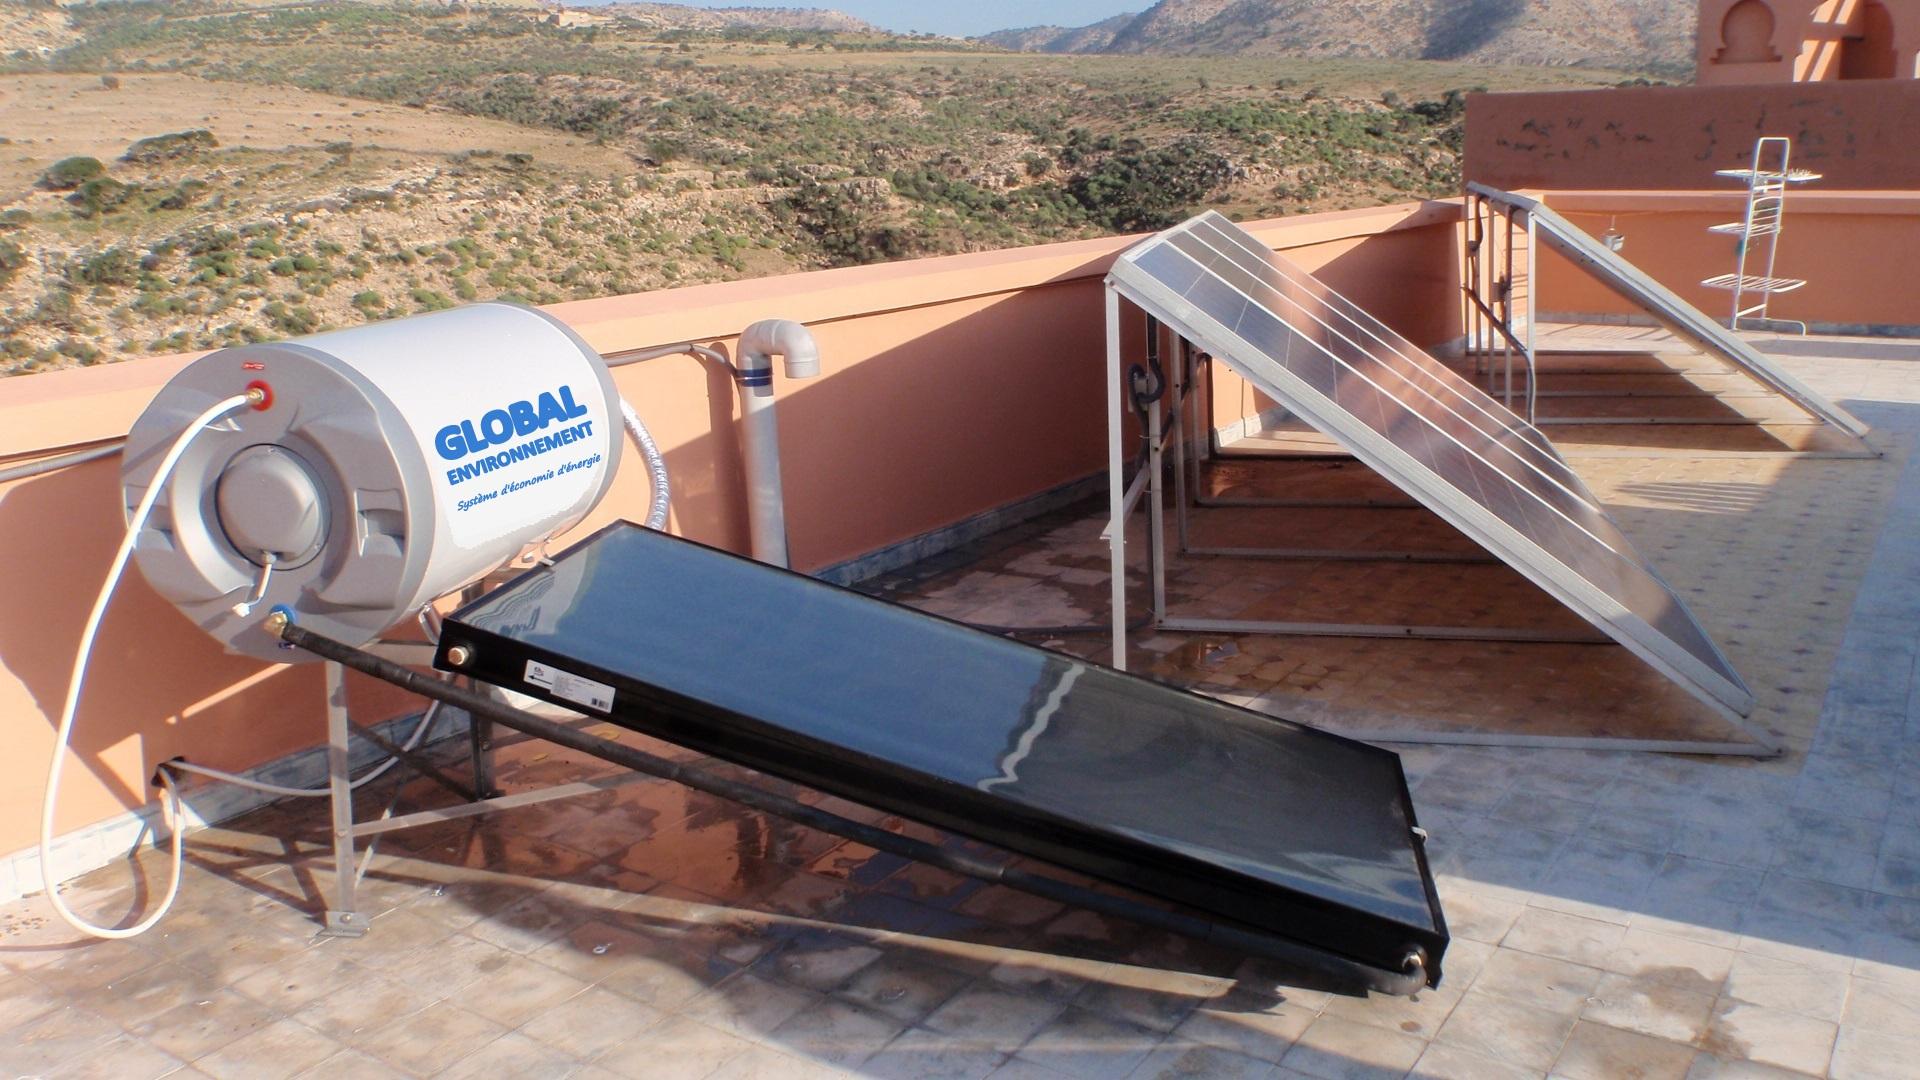 f s une convention sign e pour d velopper un chauffe eau solaire marocain. Black Bedroom Furniture Sets. Home Design Ideas